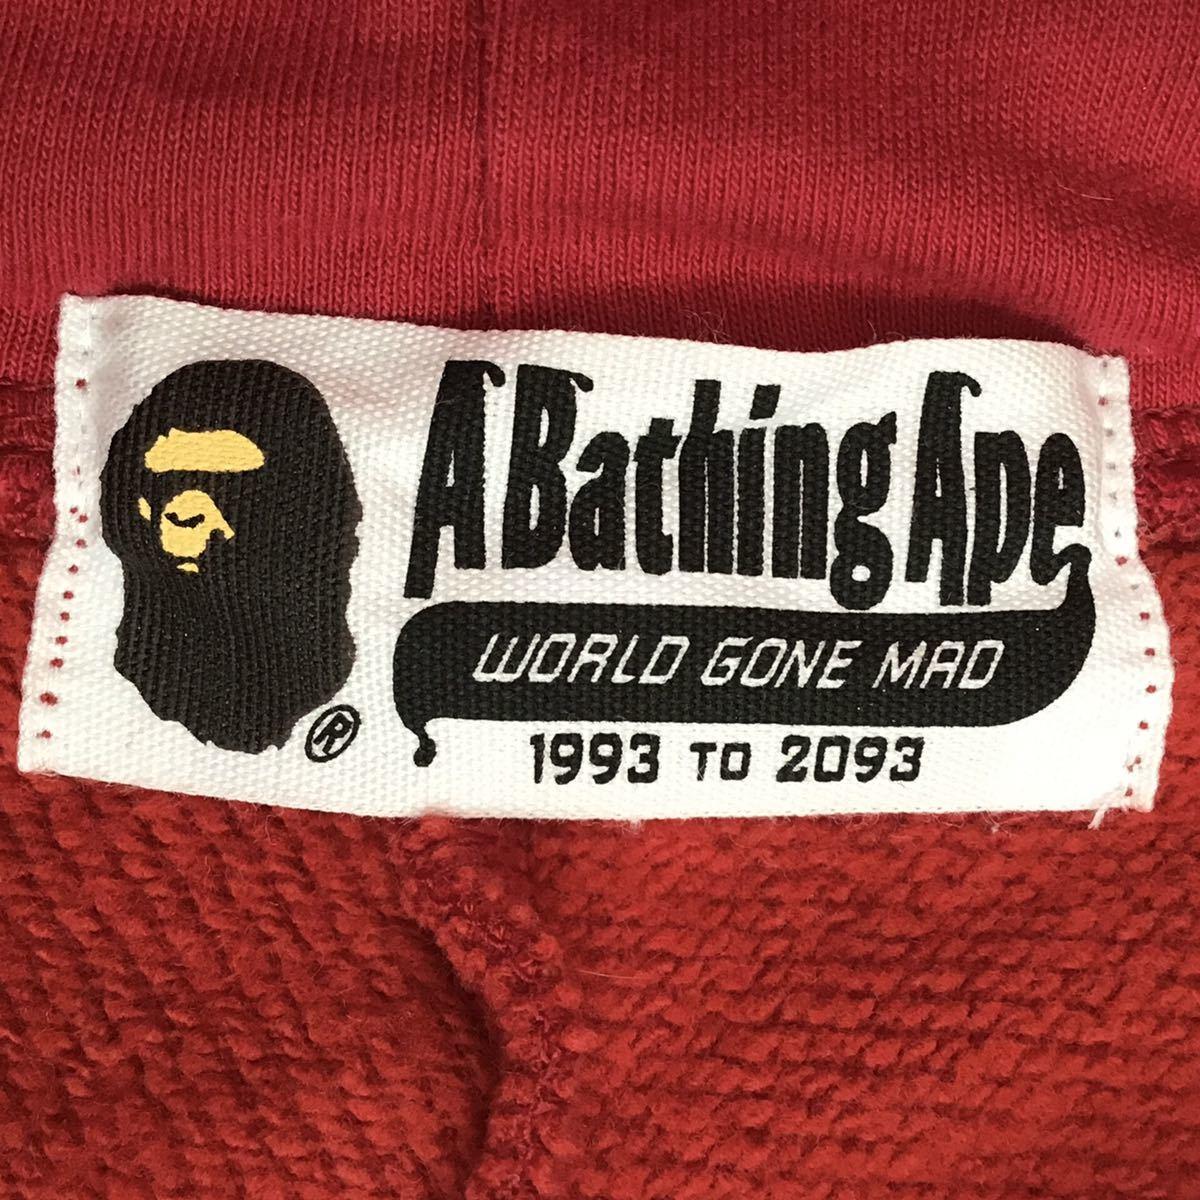 shark hoodie ネックウォーマー red camo a bathing ape bape シャーク パーカー face mask フェイスマスク エイプ ベイプ レッドカモ 迷彩